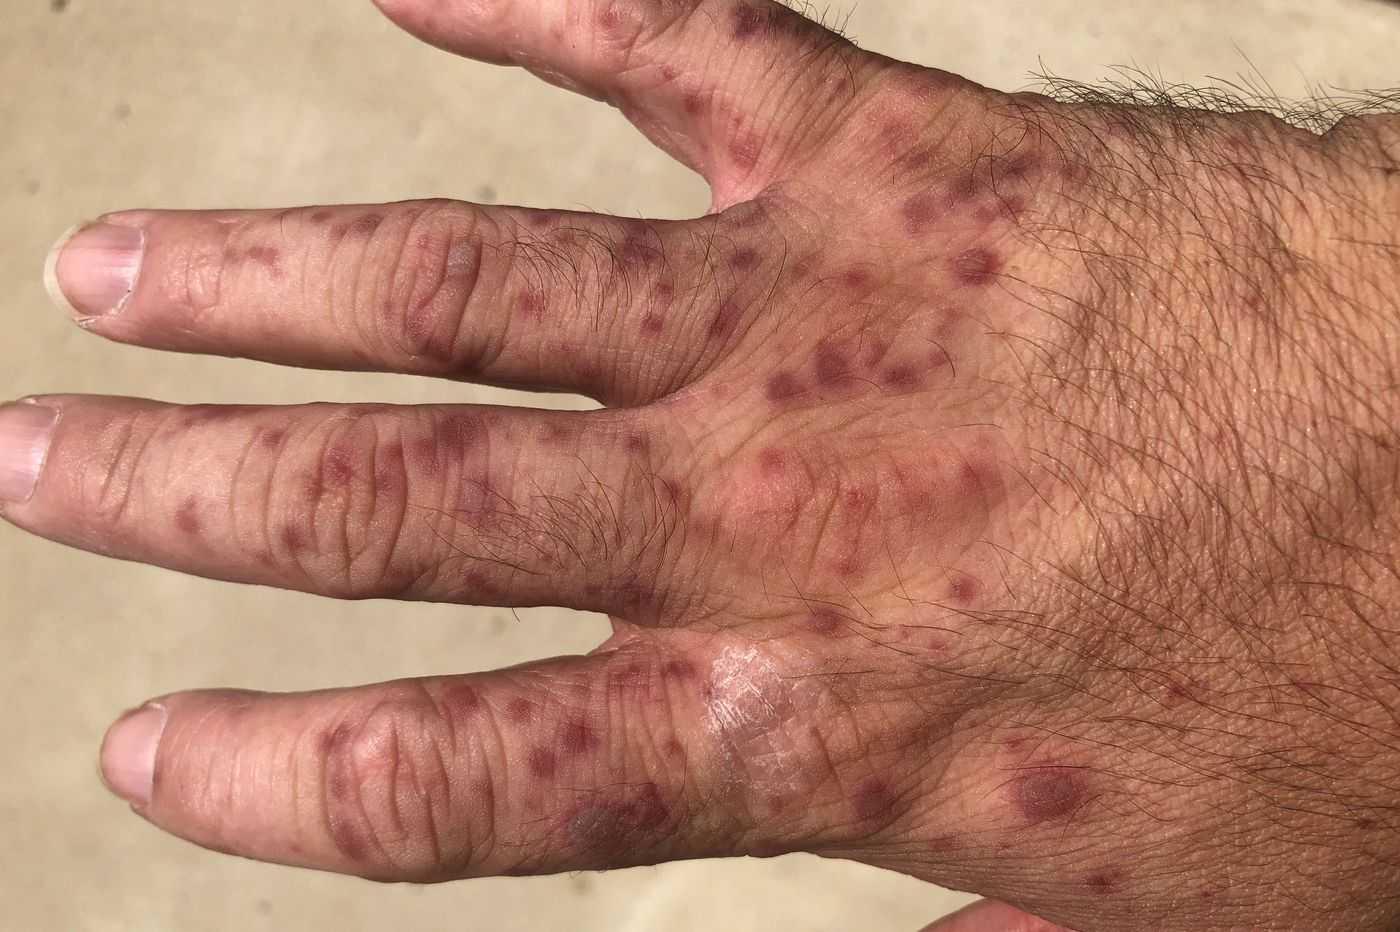 chto-delat-esli-ukusil-kleshh-foto-video-simptomy-i-metody-borby-31